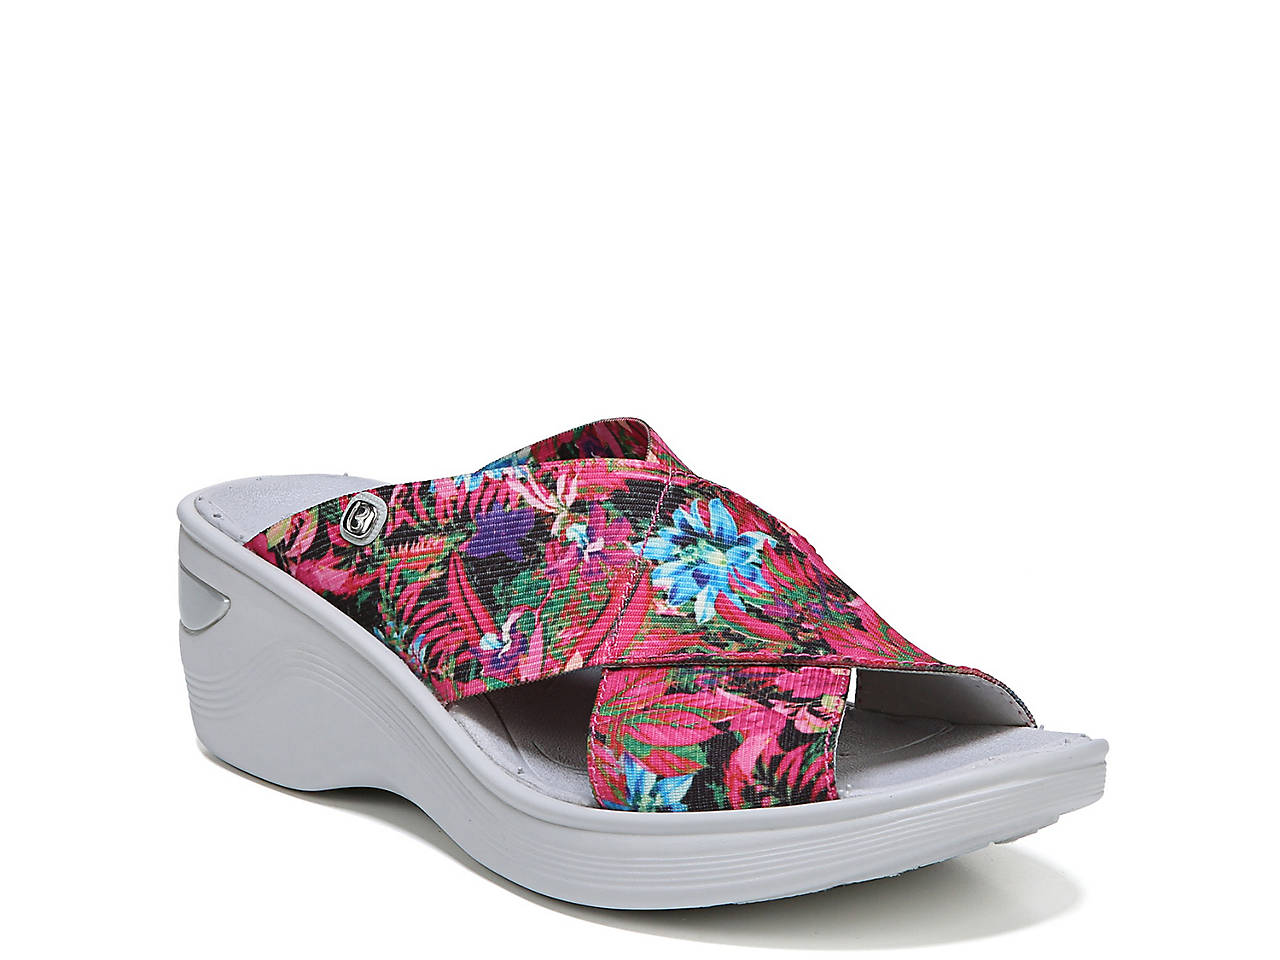 e4f1fcad36c BZees Desire Wedge Sandal Women s Shoes